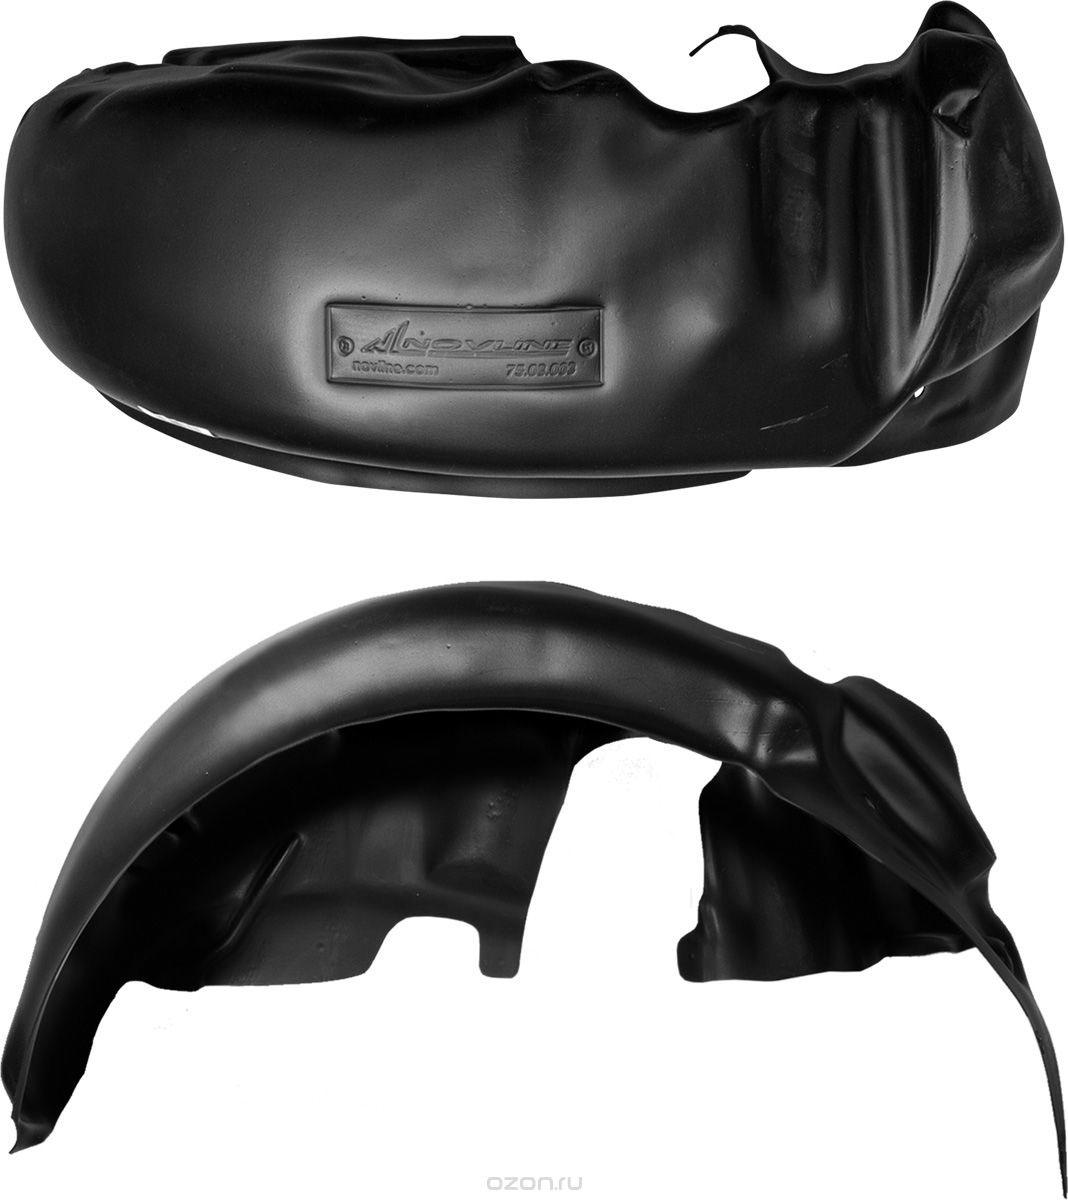 Подкрылок Novline-Autofamily, для NISSAN Pathfinder, 2014->, передний левыйDAVC150Идеальная защита колесной ниши. Локеры разработаны с применением цифровых технологий, гарантируют максимальную повторяемость поверхности арки. Изделия устанавливаются без нарушения лакокрасочного покрытия автомобиля, каждый подкрылок комплектуется крепежом. Уважаемые клиенты, обращаем ваше внимание, что фотографии на подкрылки универсальные и не отражают реальную форму изделия. При этом само изделие идет точно под размер указанного автомобиля.